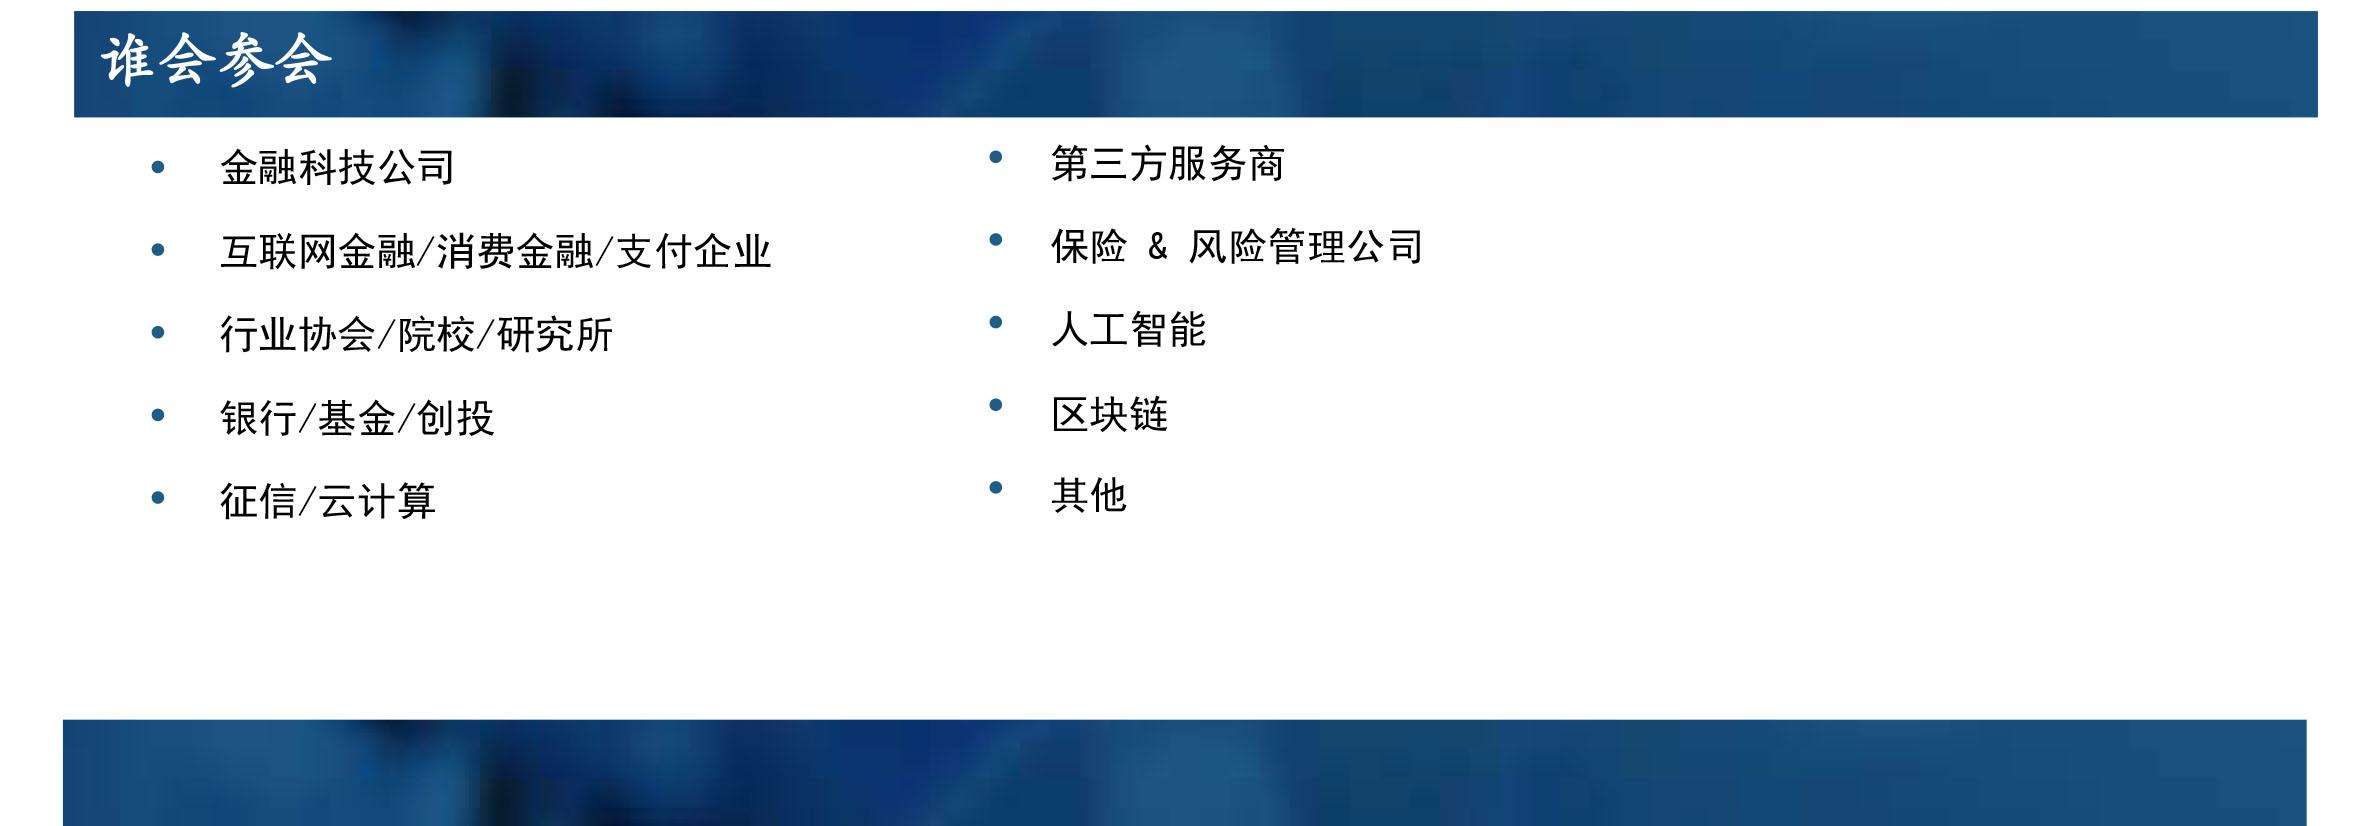 2017第六届中国金融科技峰会